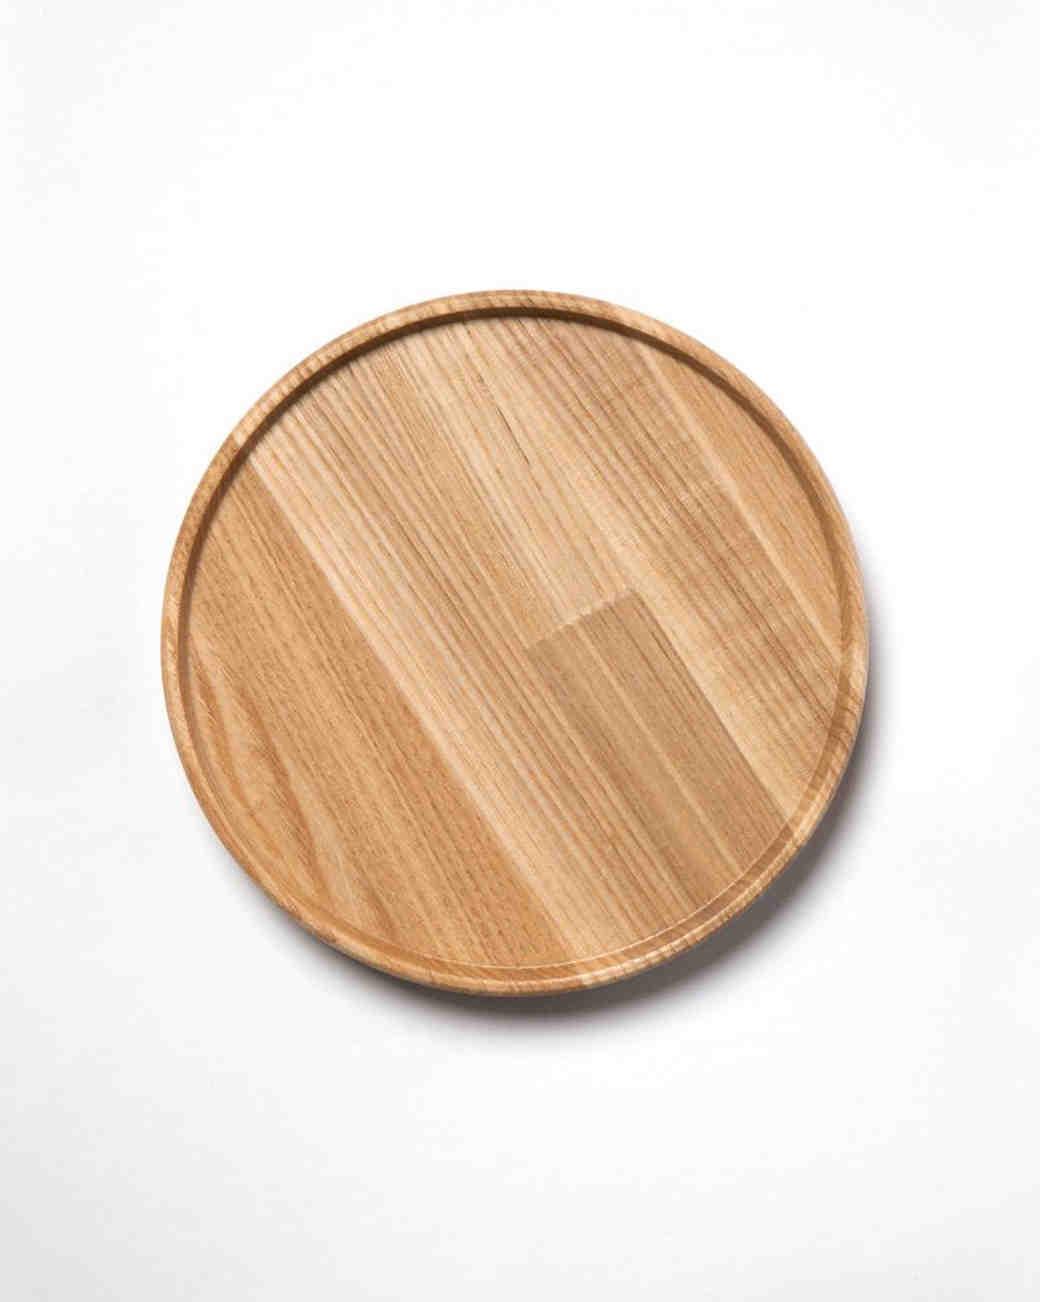 wood anniversary gift circular tray